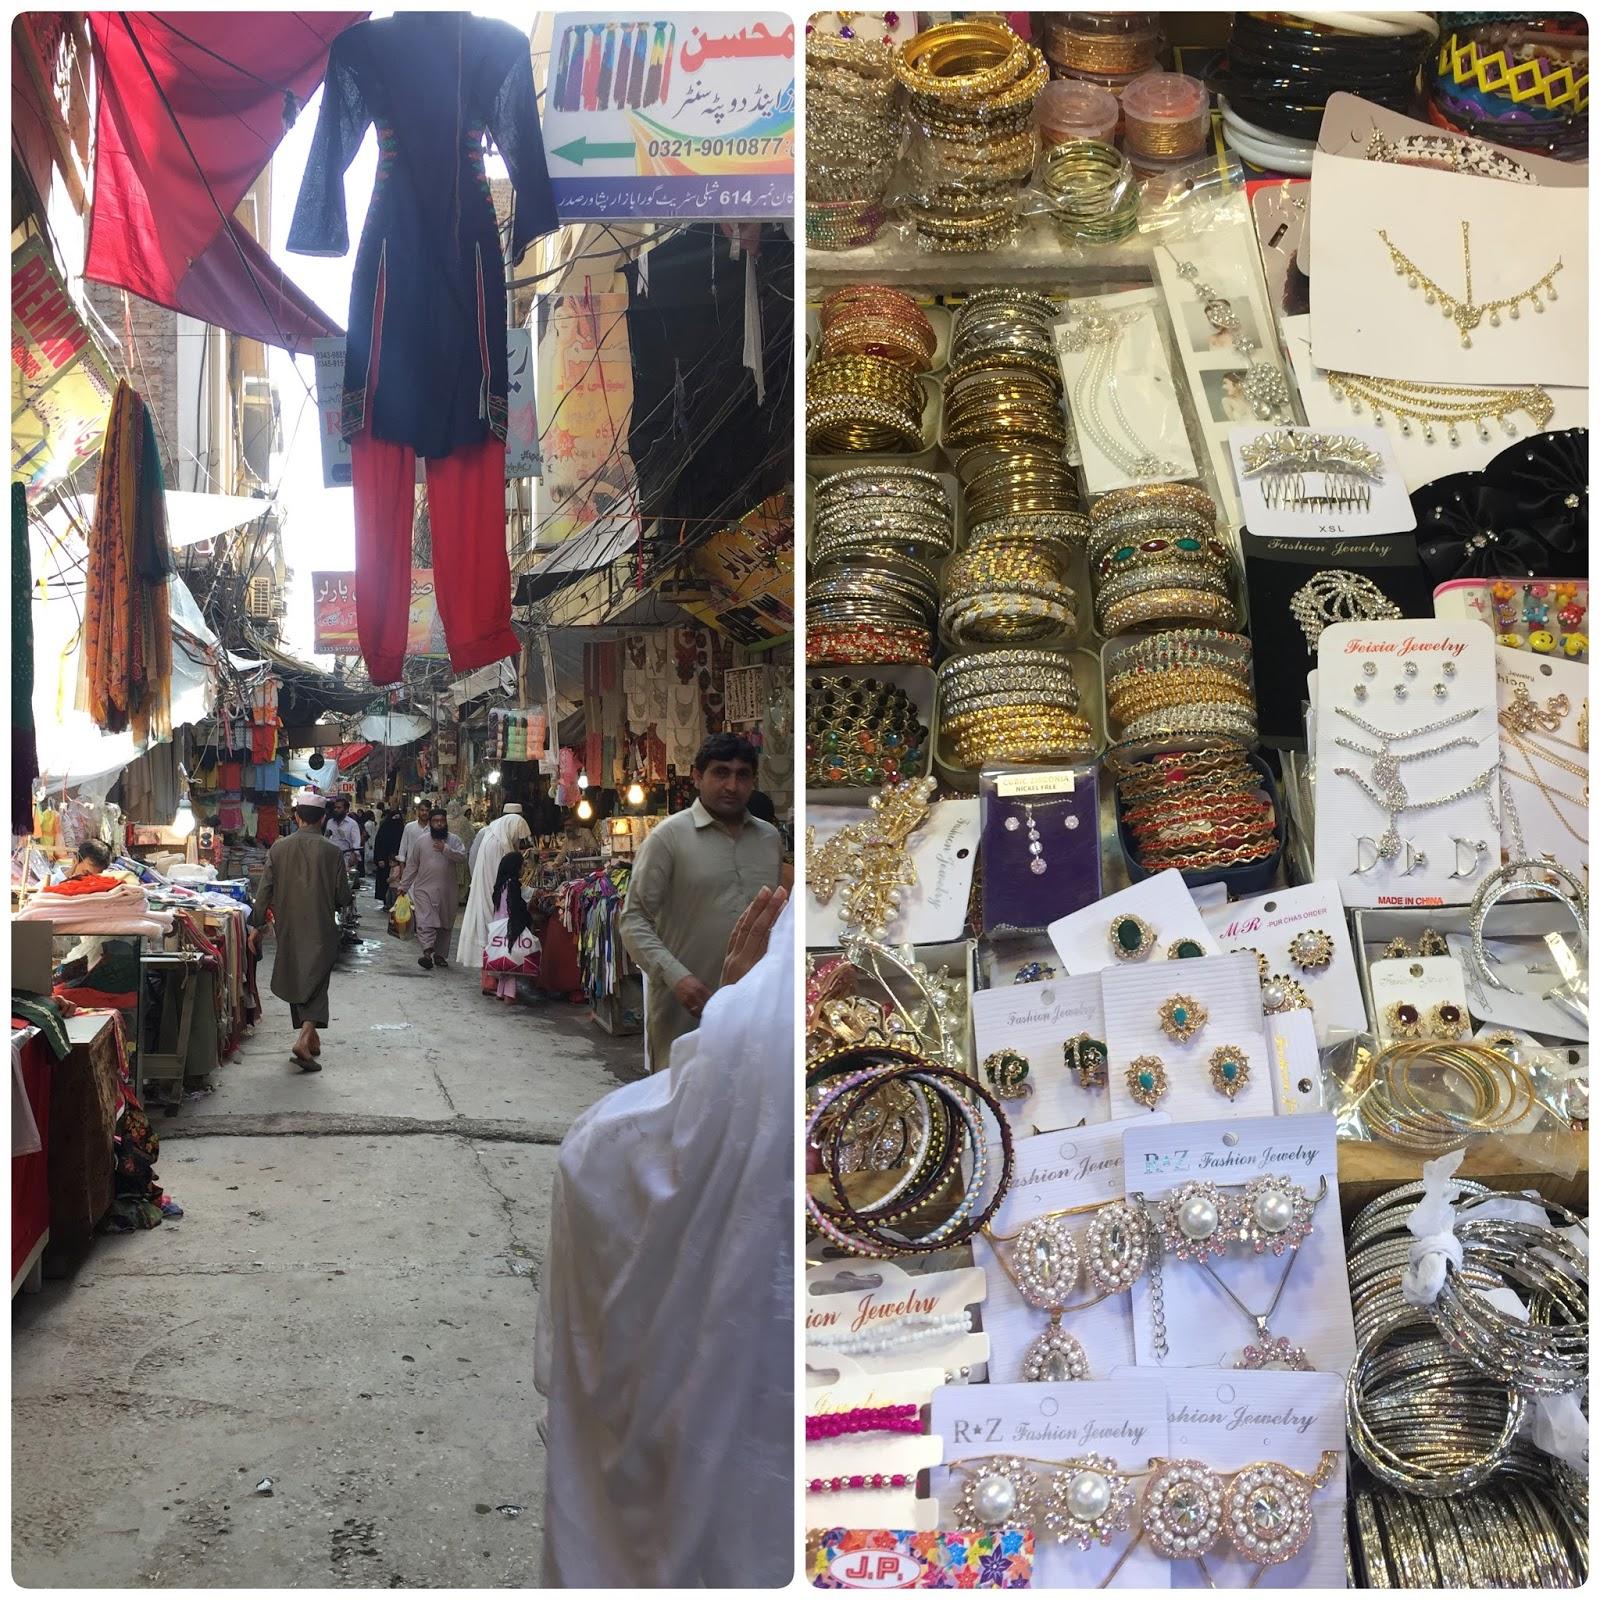 Gora Bazaar Jinnah Street